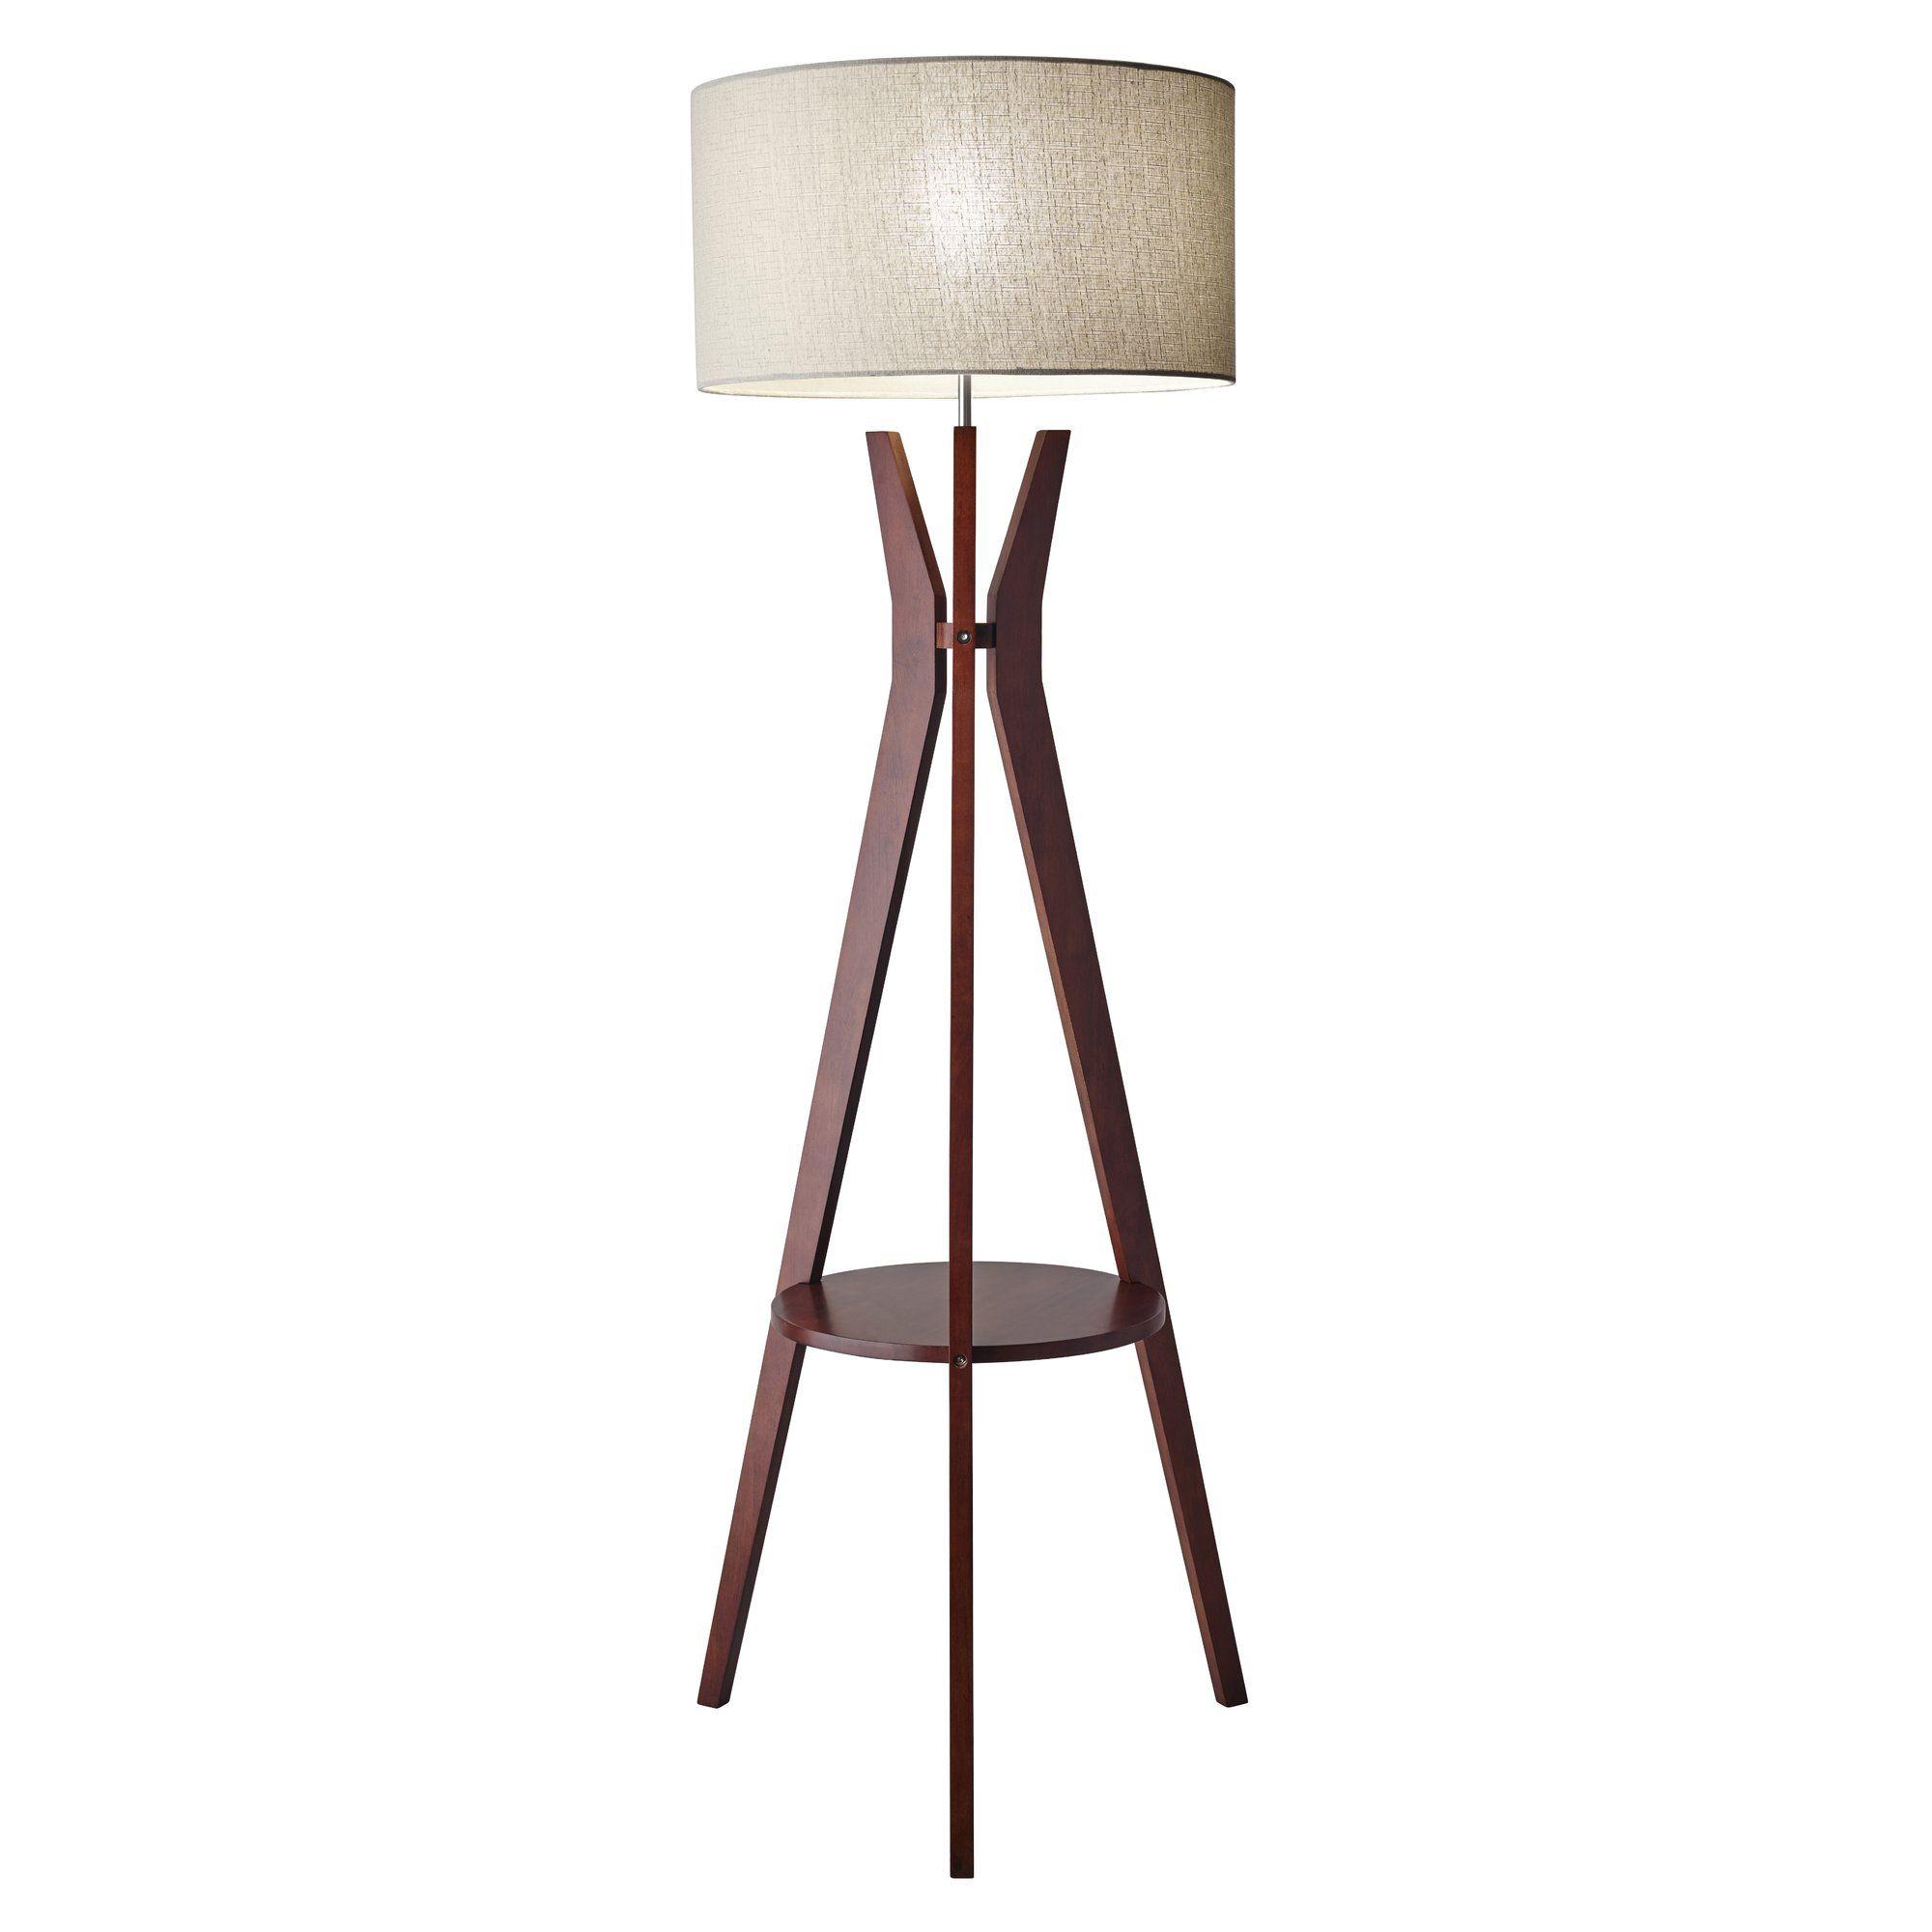 Threshold torchiere floor lamp textured bronze 65 - Bedford 59 5 Tripod Floor Lamp